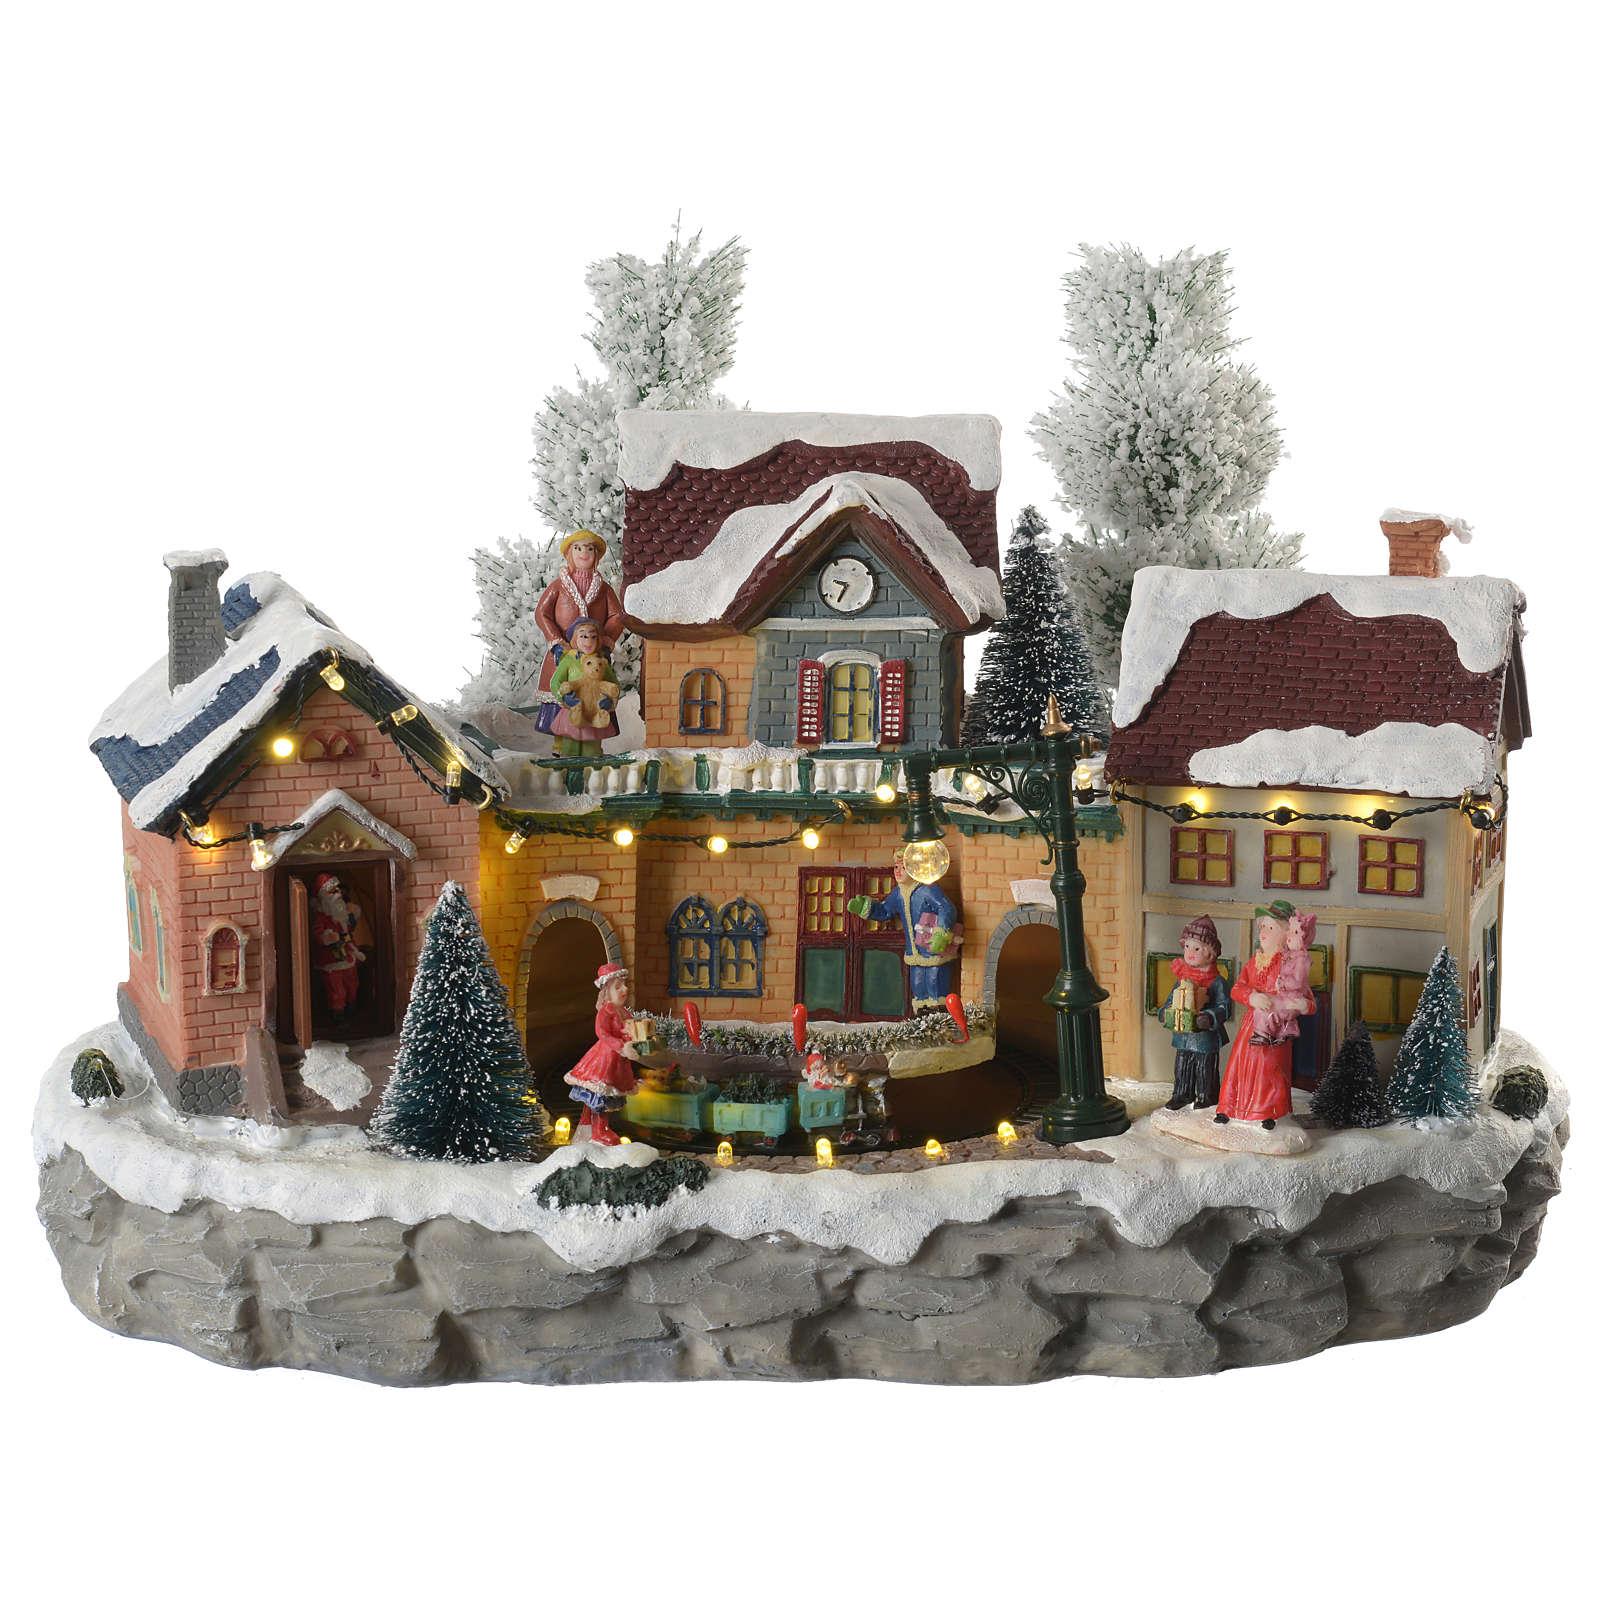 Weihnachtsszene mit Zug und Nikolaus 35x20x25cm | Online Verfauf auf ...